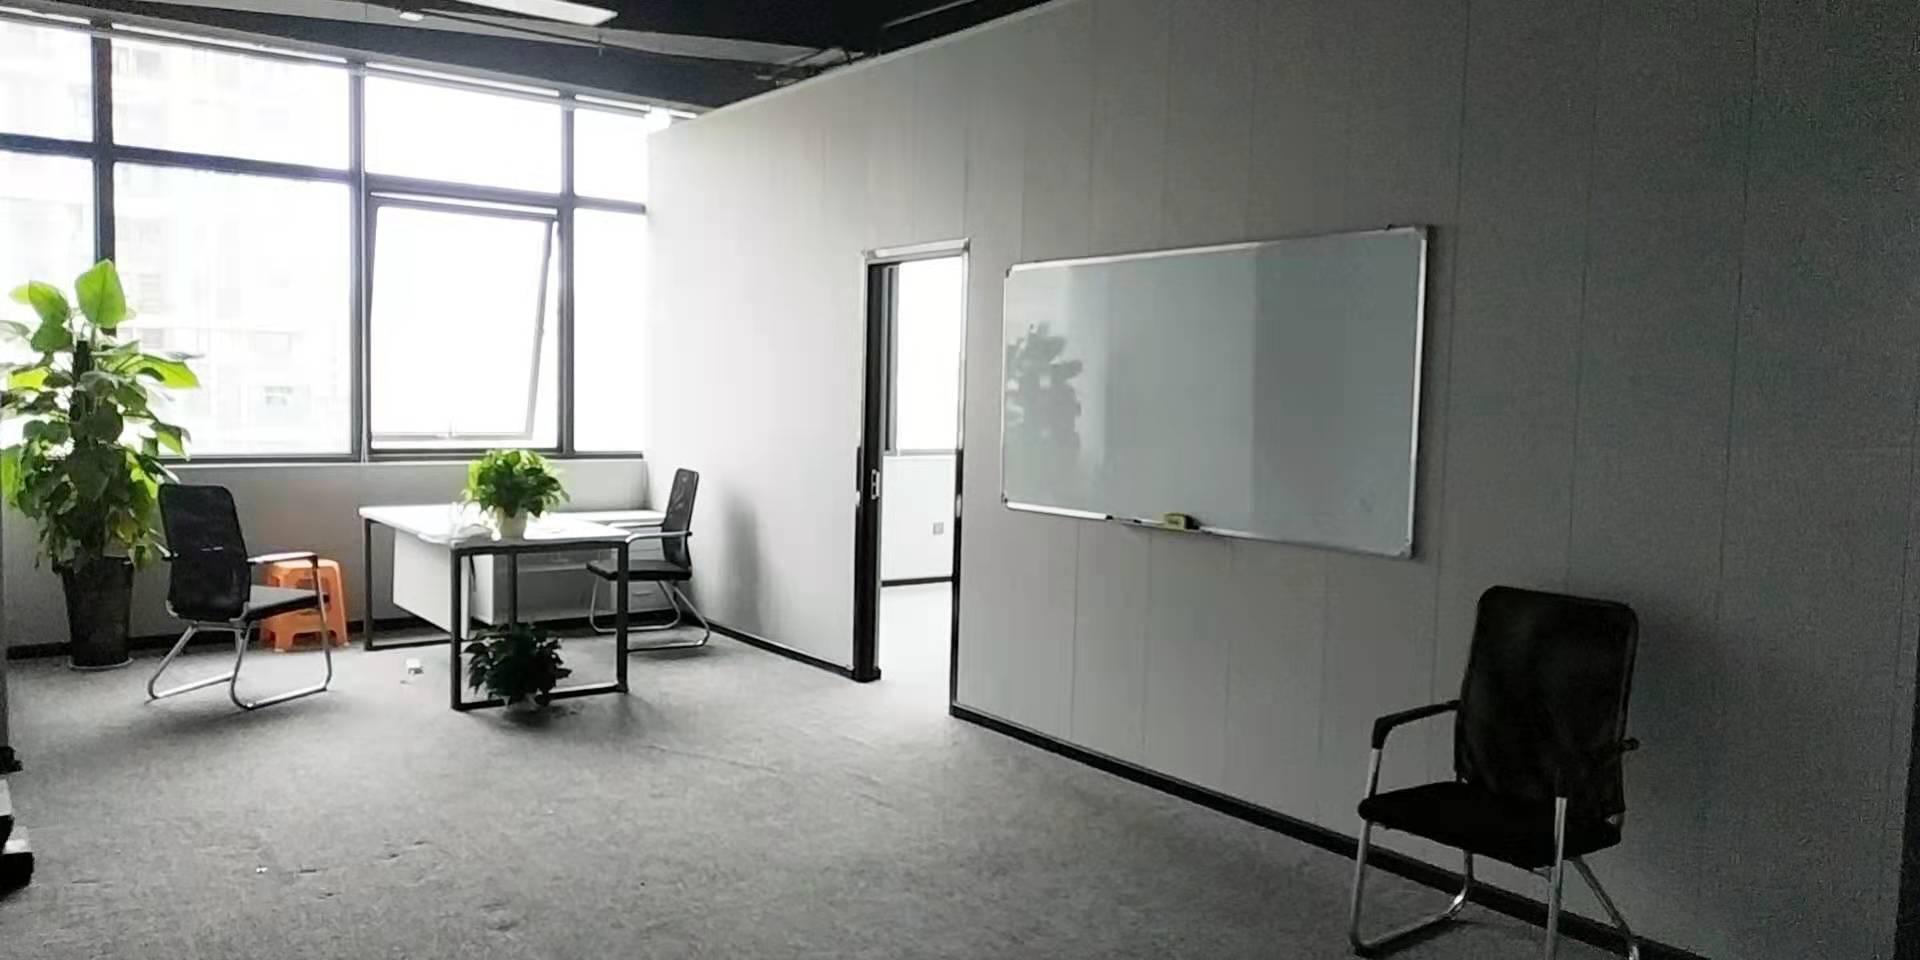 绿地跨贸产业园91平米,精装修干净大气 青羊区写字楼 青羊区办公室 租小团